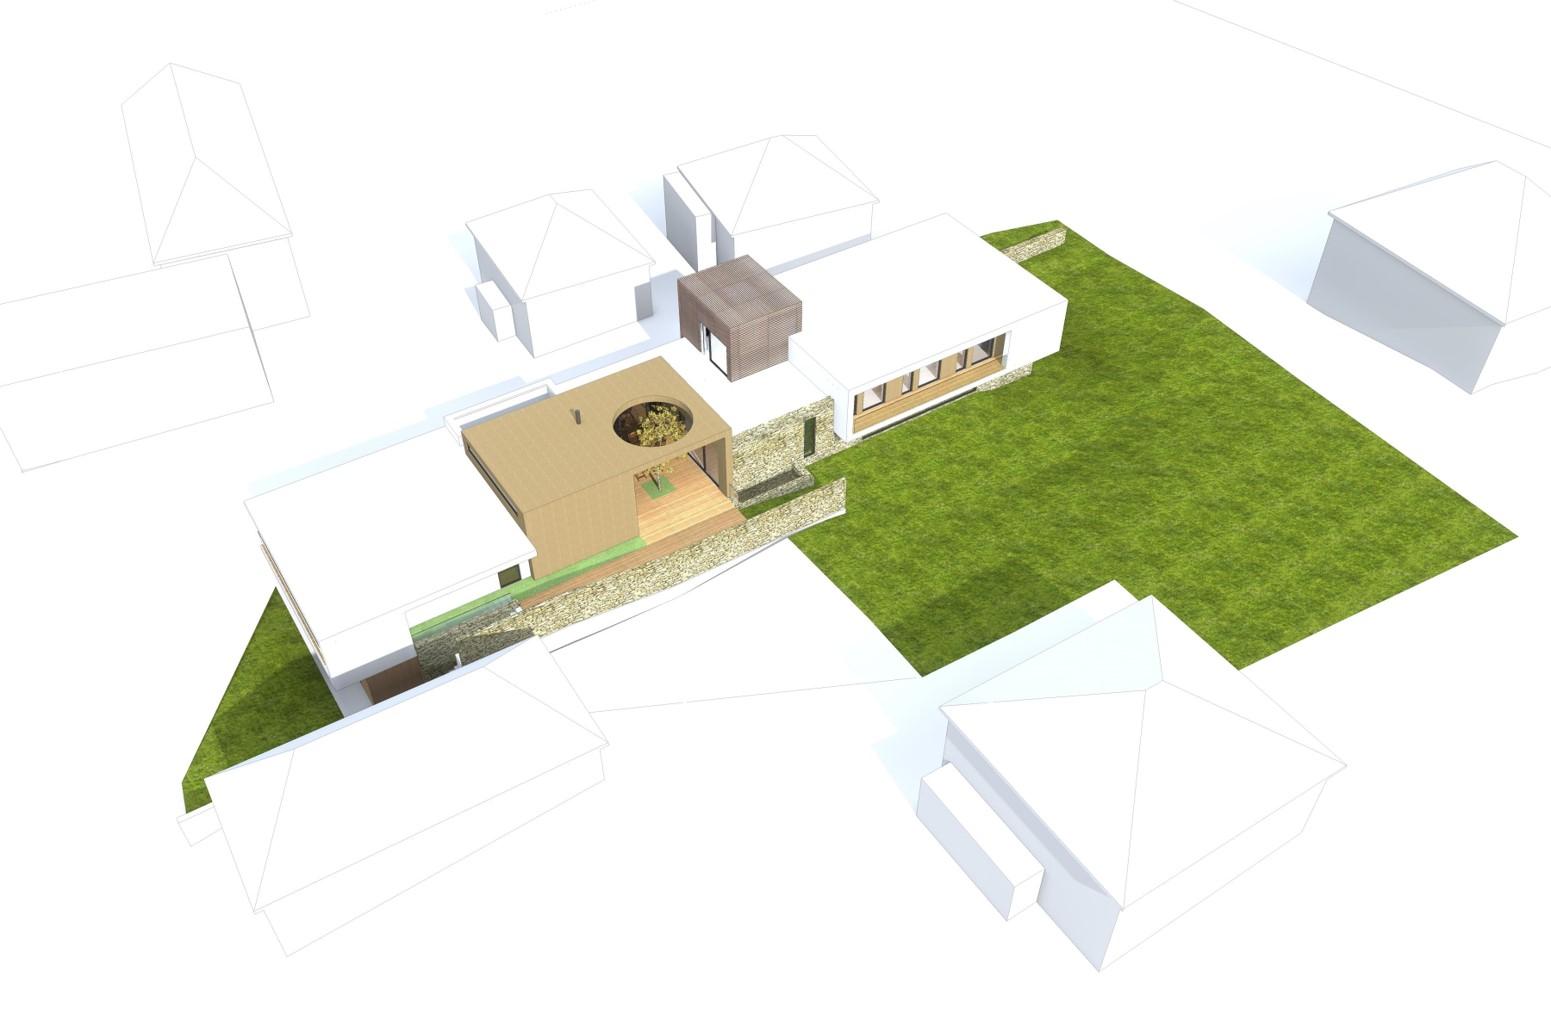 Family_House_–_Dobřejovice_-_development_application_in_progress_2016_01